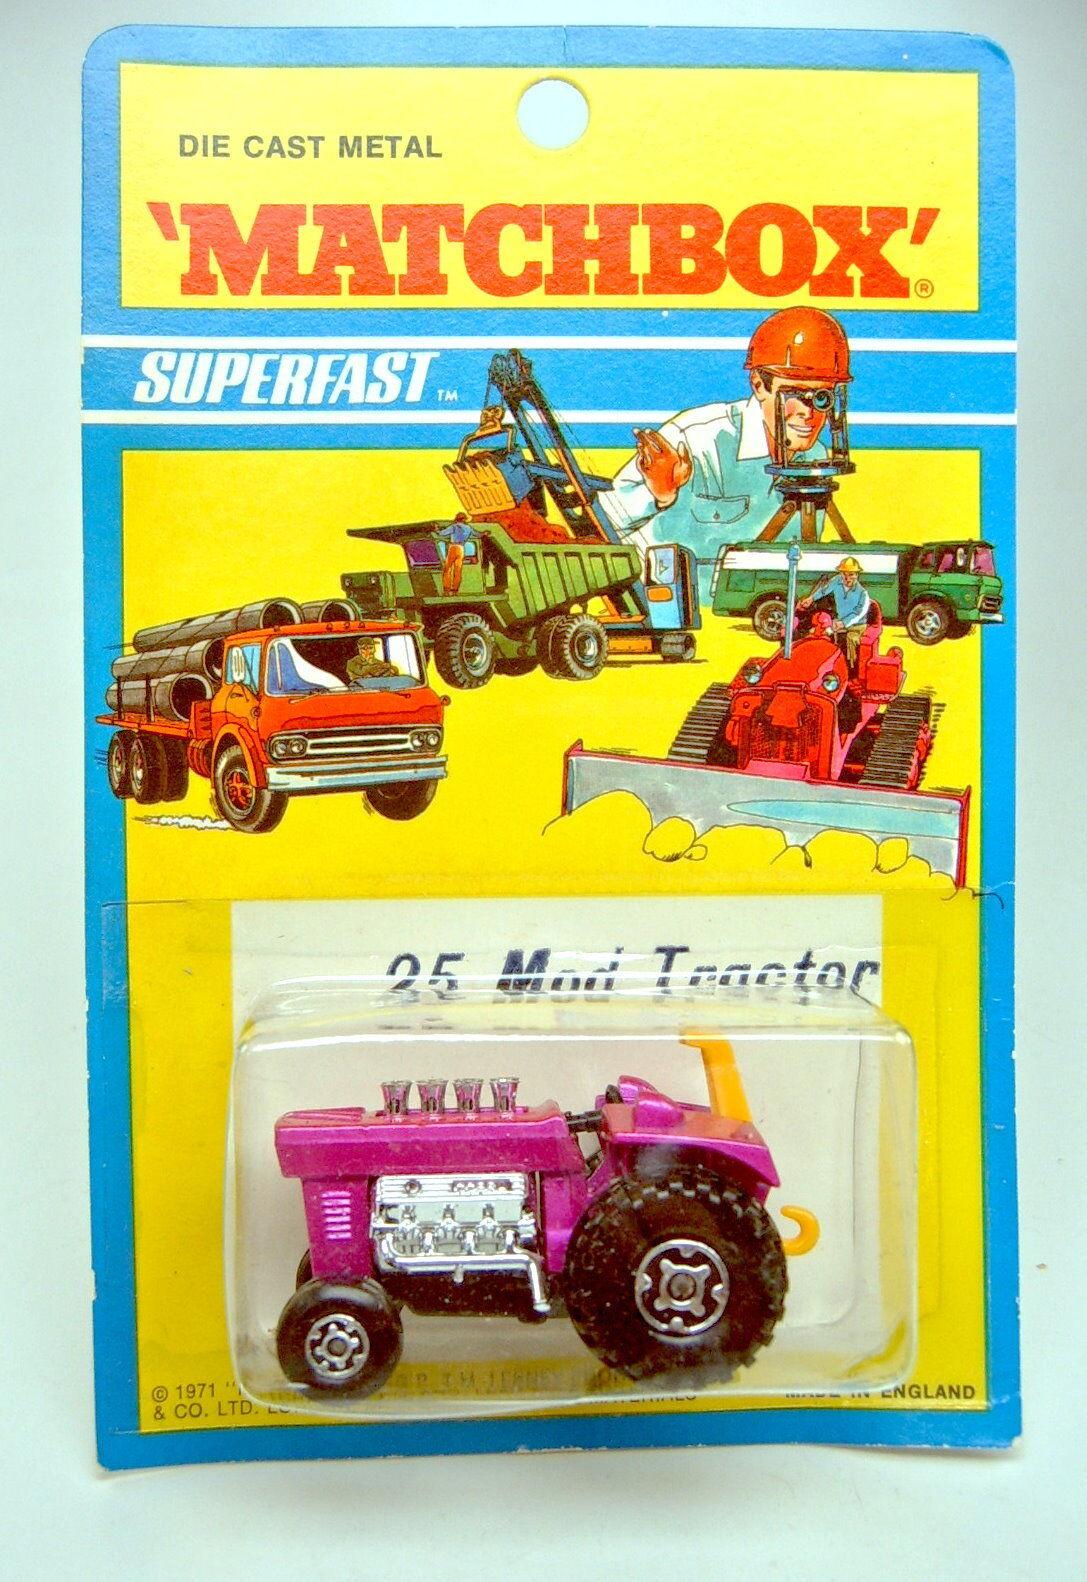 MATCHBOX SUPERFAST n. 25b MOD fari TRACTOR 1. stampo con fari MOD Top BLISTER 16759f